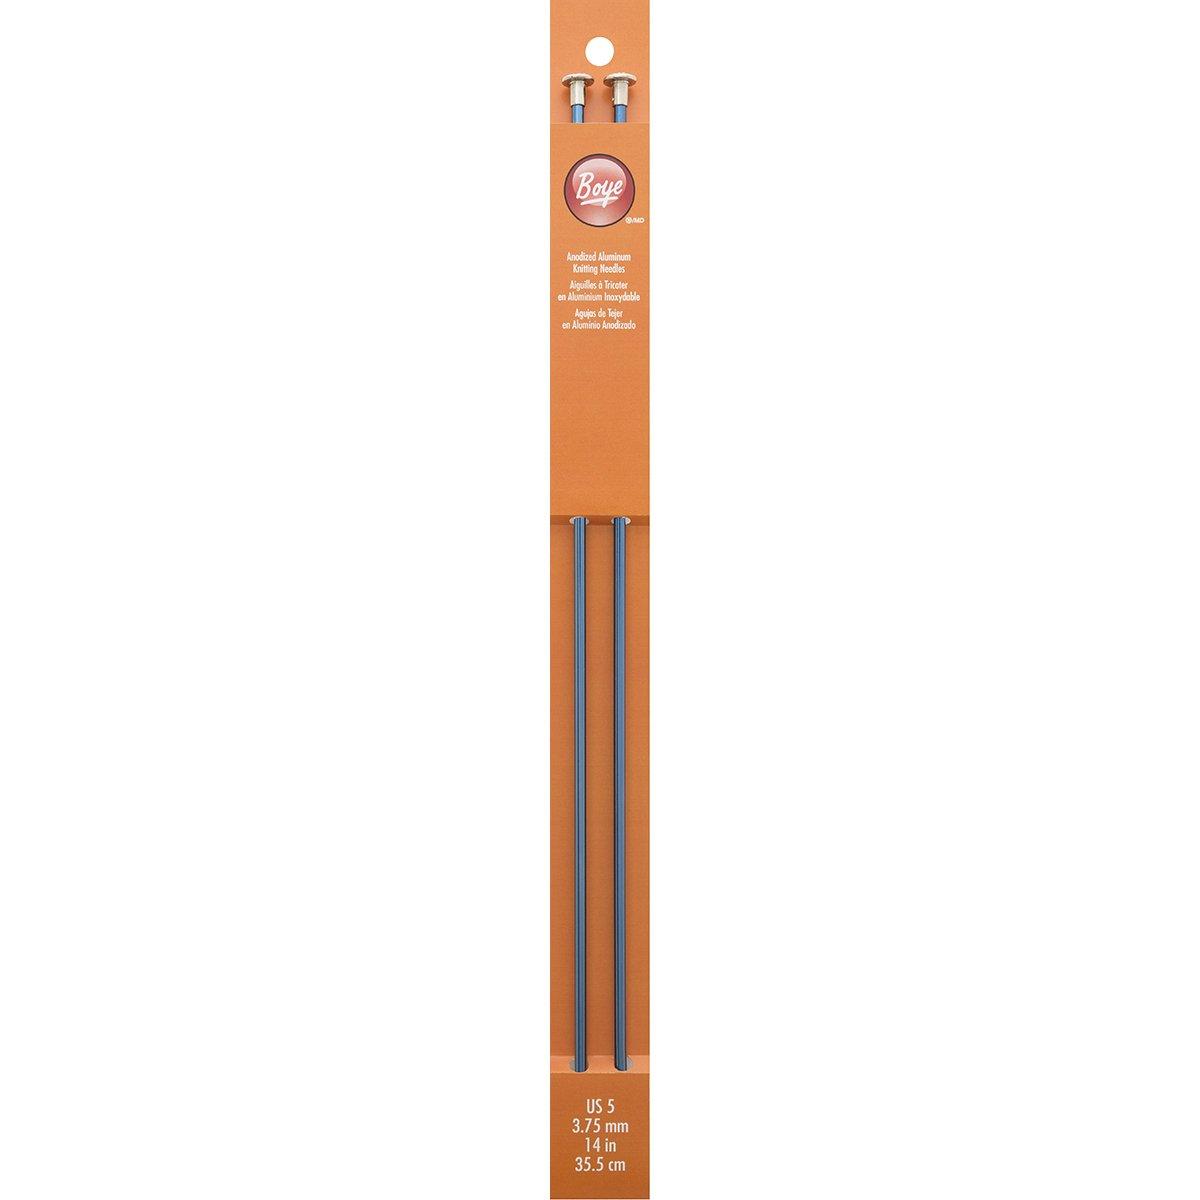 Single Point Aluminum Knitting Needles 14'-Size 5 Boye 3216328005